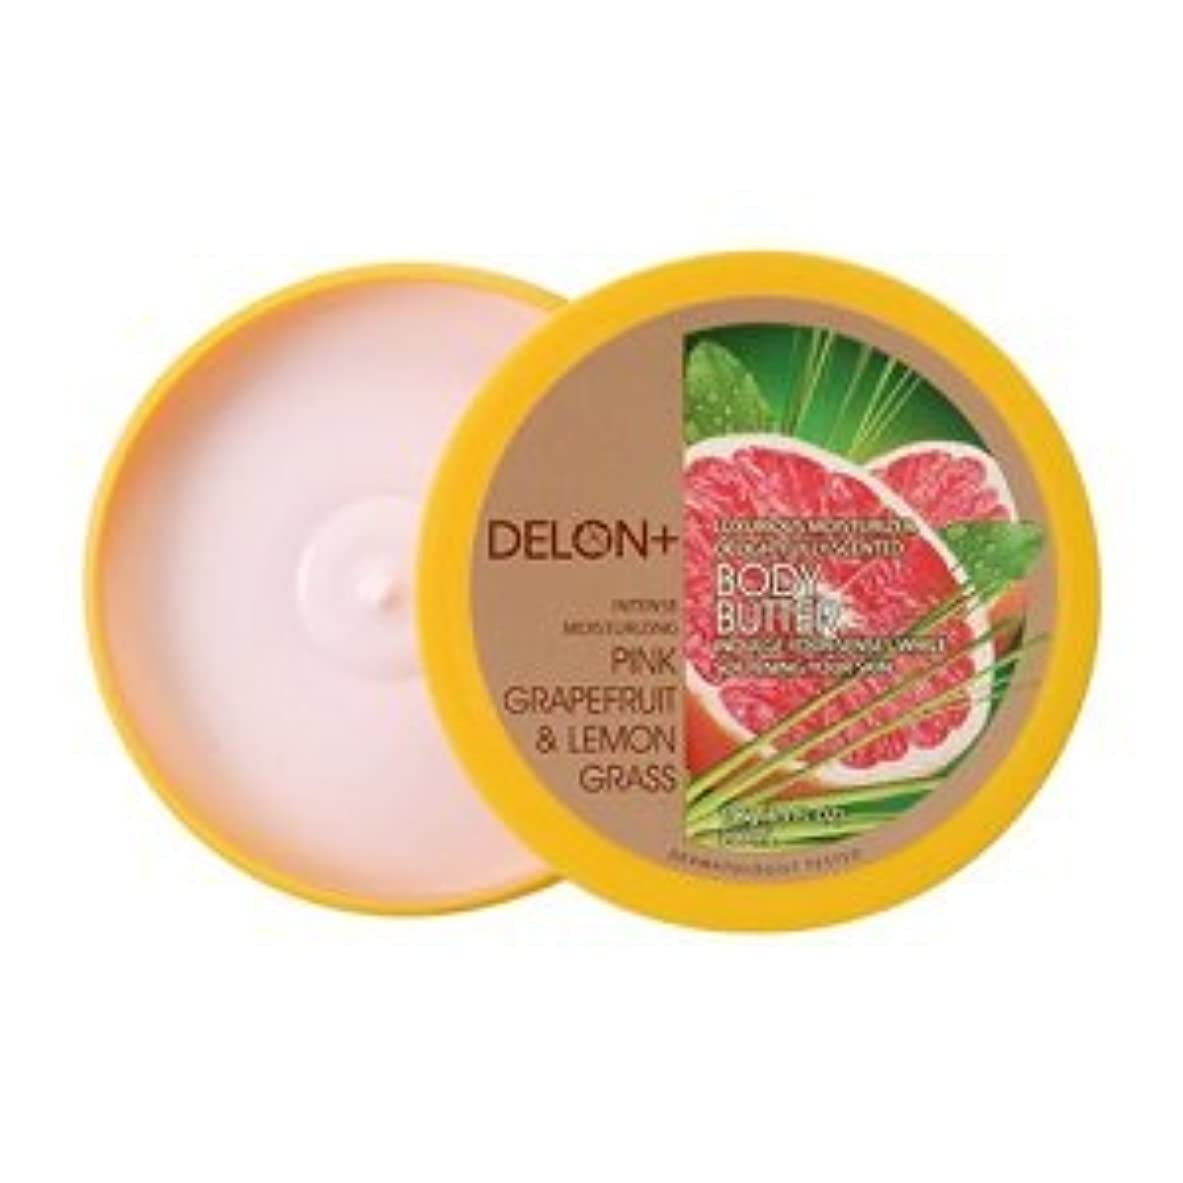 スイス人慣性繰り返すデロン ボディバター ピンクグレープフルーツ & ;レモングラス 196g ボディクリーム